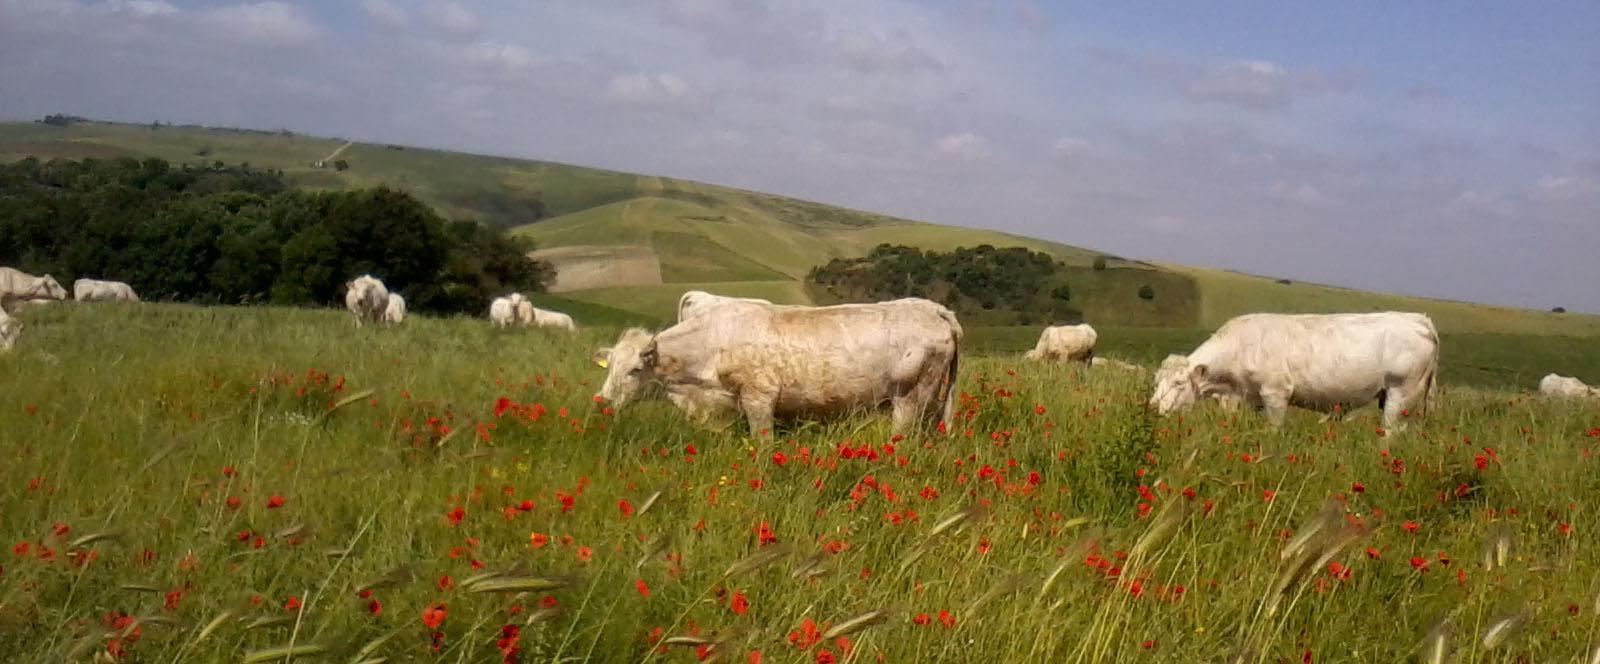 Associazione Nazionale degli Allevatori delle razze bovine Charolaise e Limousine Italiane